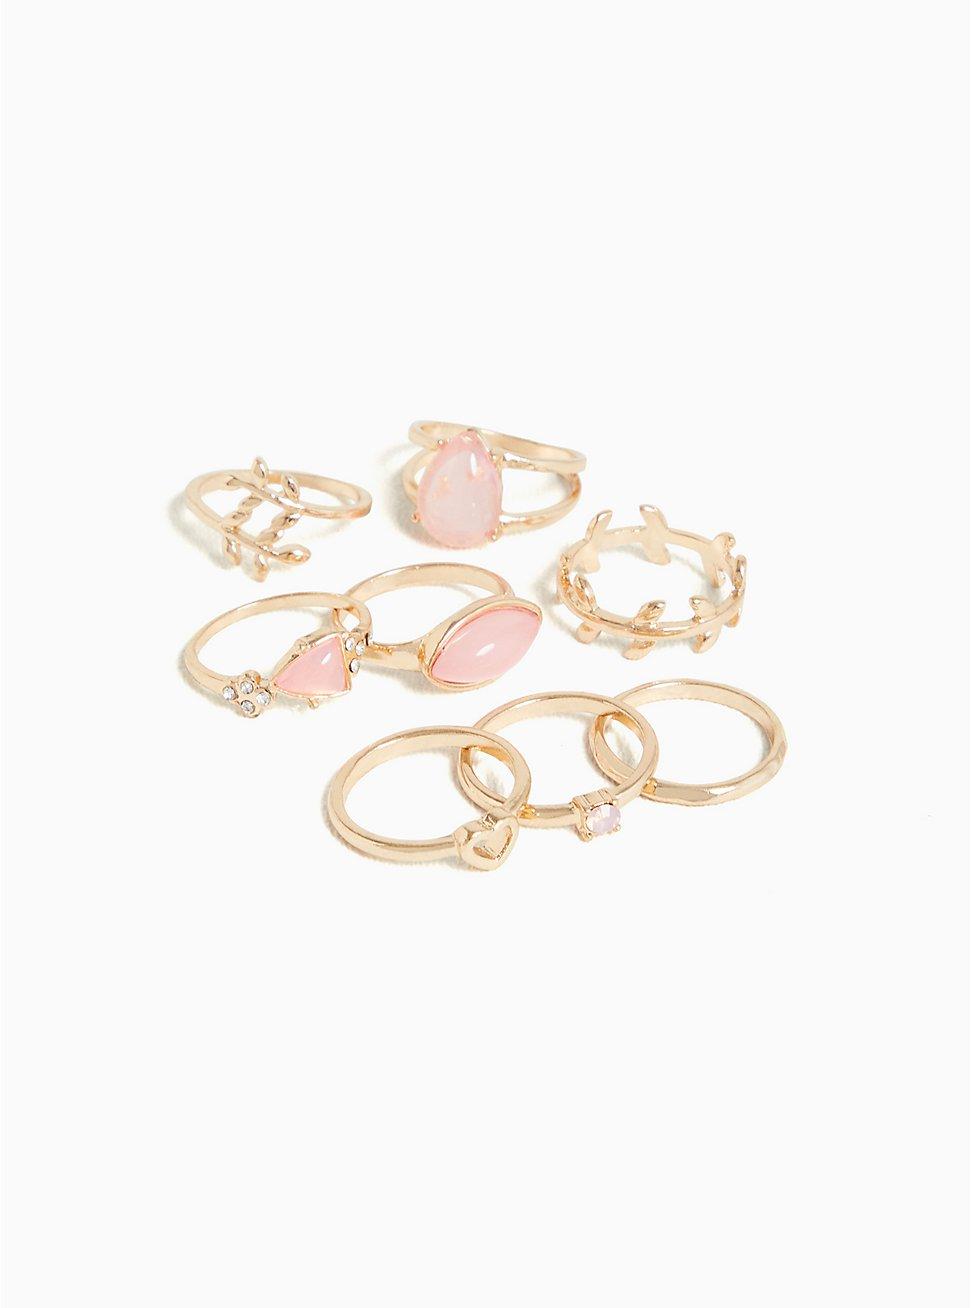 Gold-Tone & Blush Faux Stone Ring Set - Set of 8, BLUSH, hi-res